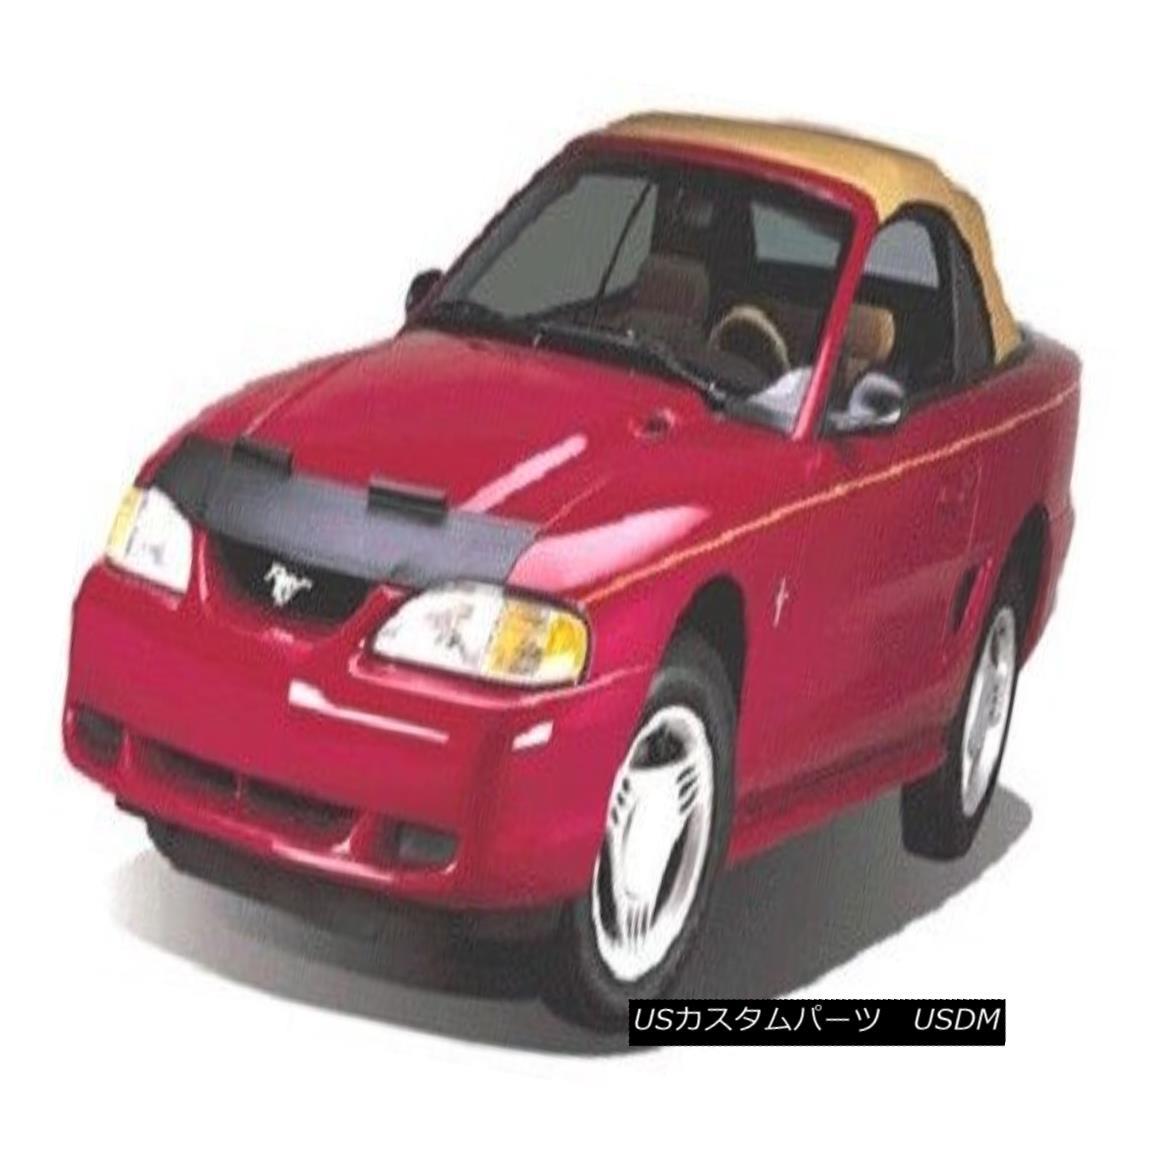 フルブラ ノーズブラ Lebra Hood Protector Mini Mask Bra Fits Kia Sportage 1995 thru. 2002 Lebraフードプロテクターミニマスクブラは1995年から起亜Sportageに合っています。 2002年